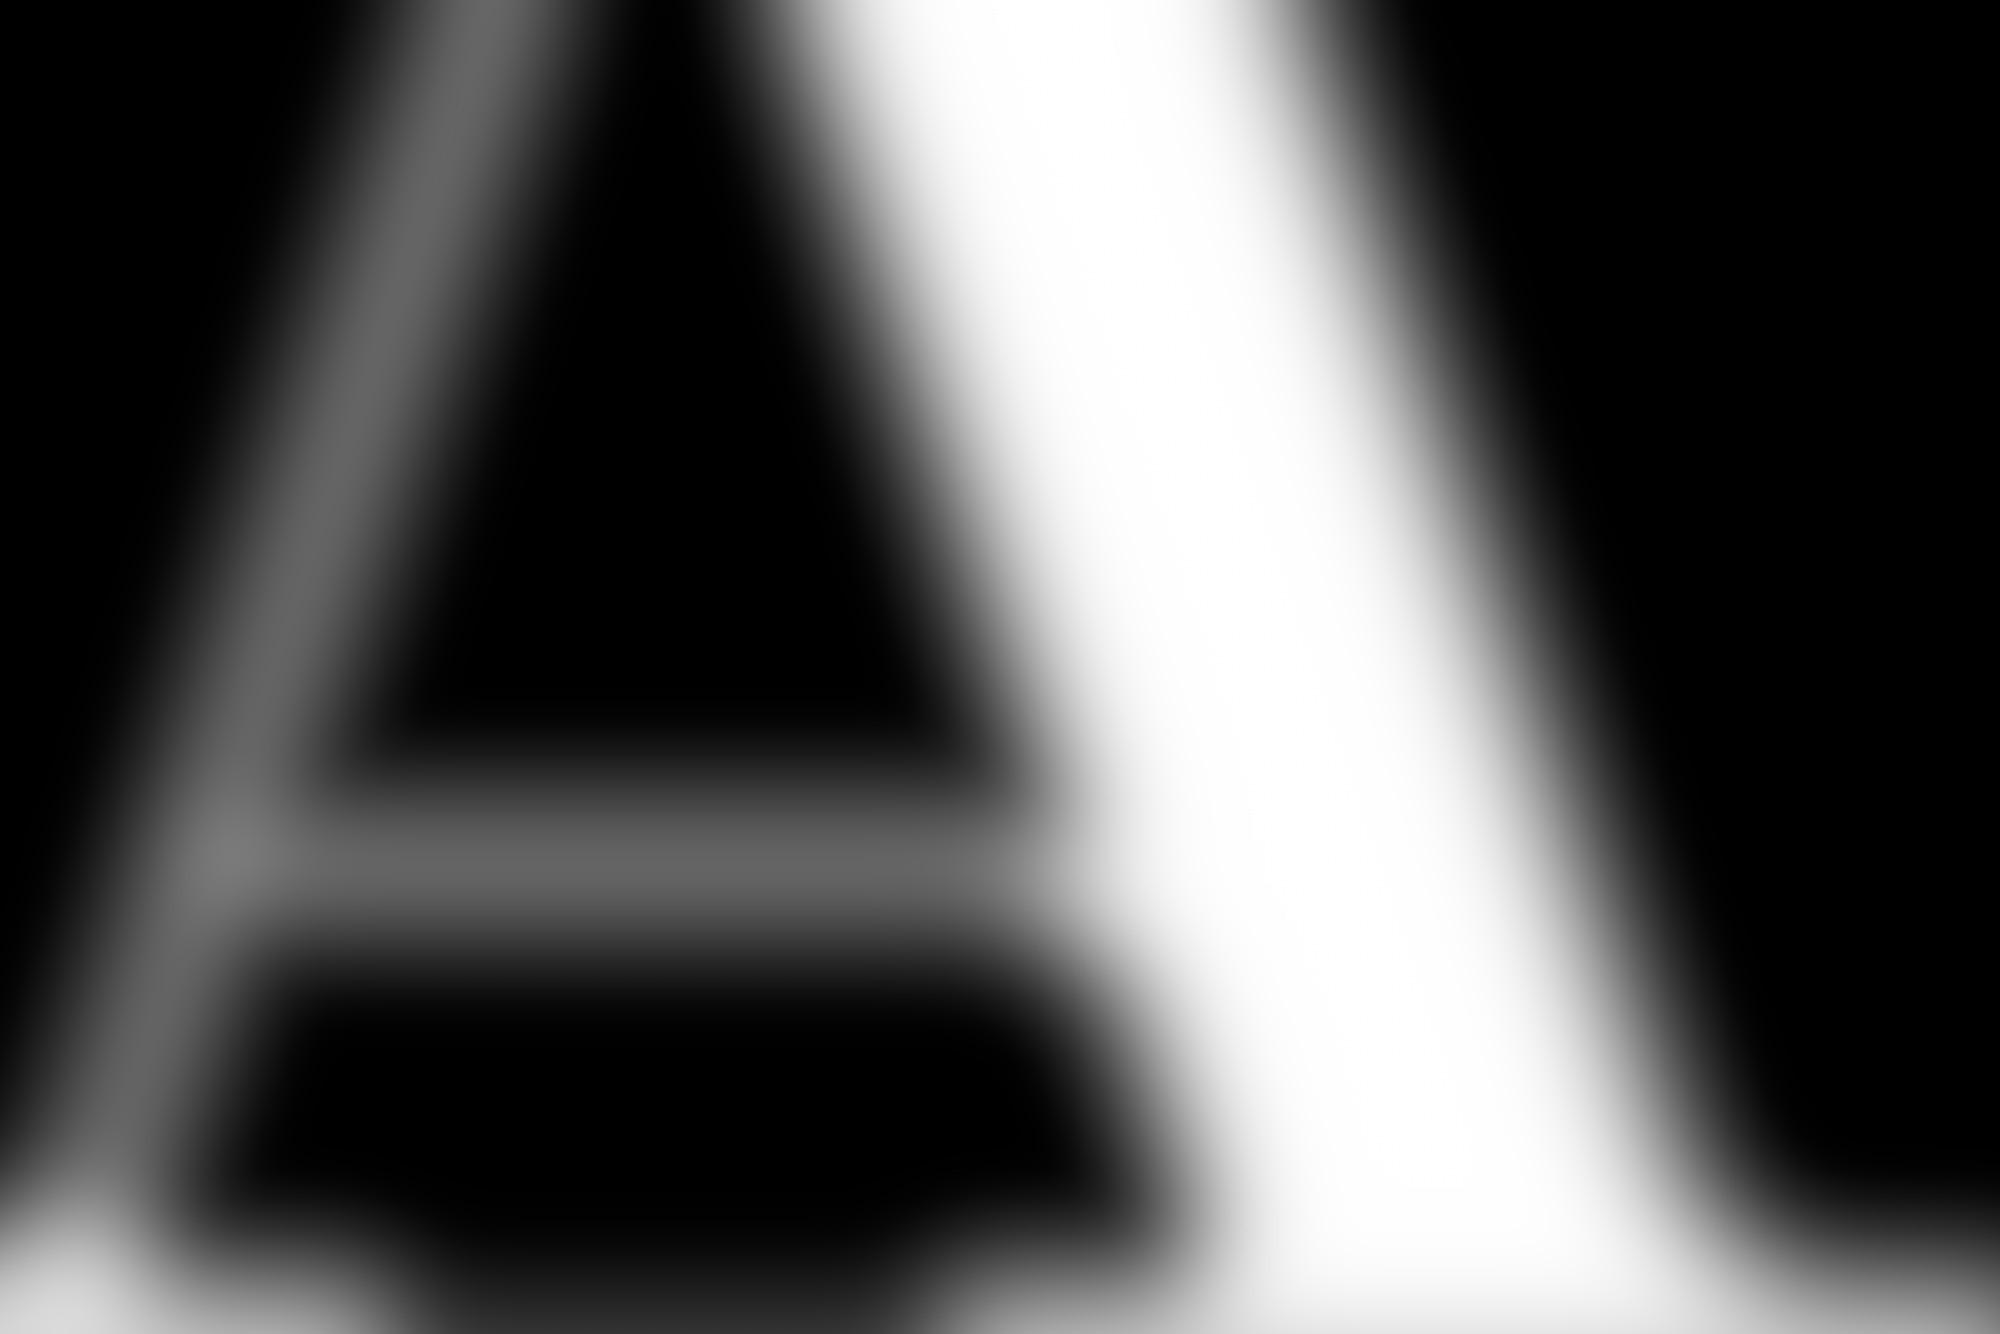 BM CL10 autocompressfitresizeixlibphp 1 1 0max h2000max w3 D2000q80s325658bfdc74c546216d593efda74609